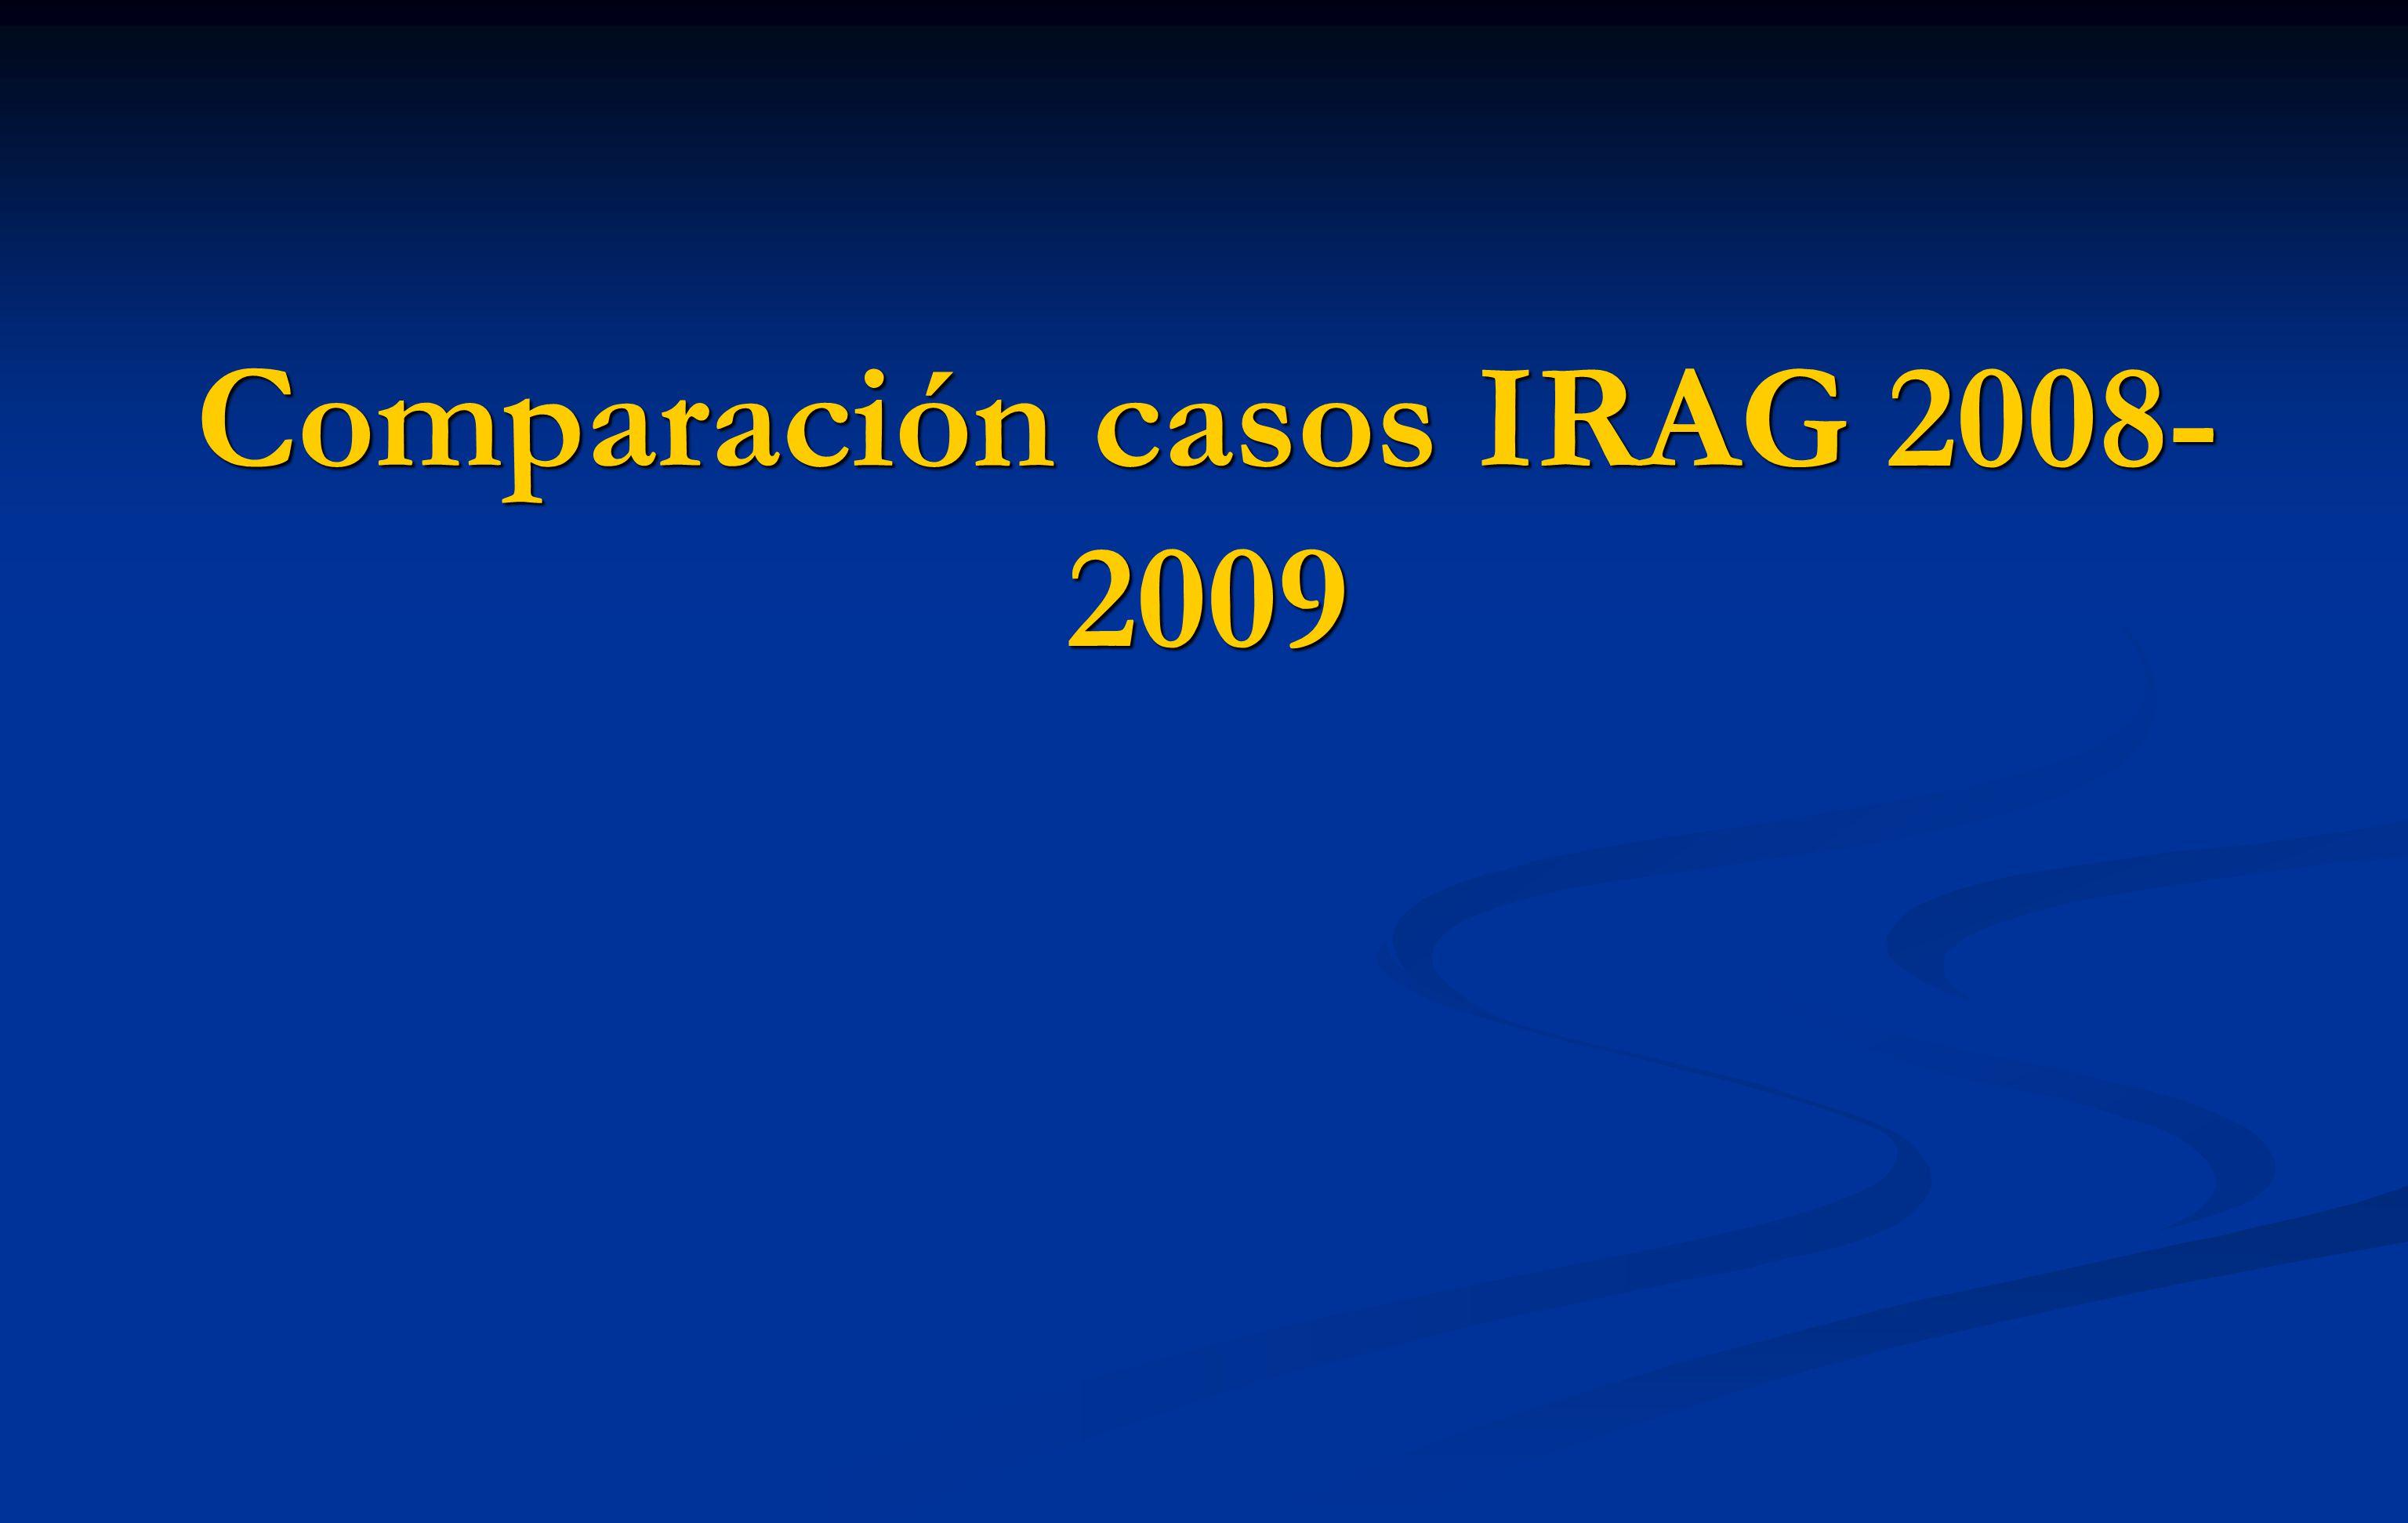 Comparación casos IRAG 2008-2009